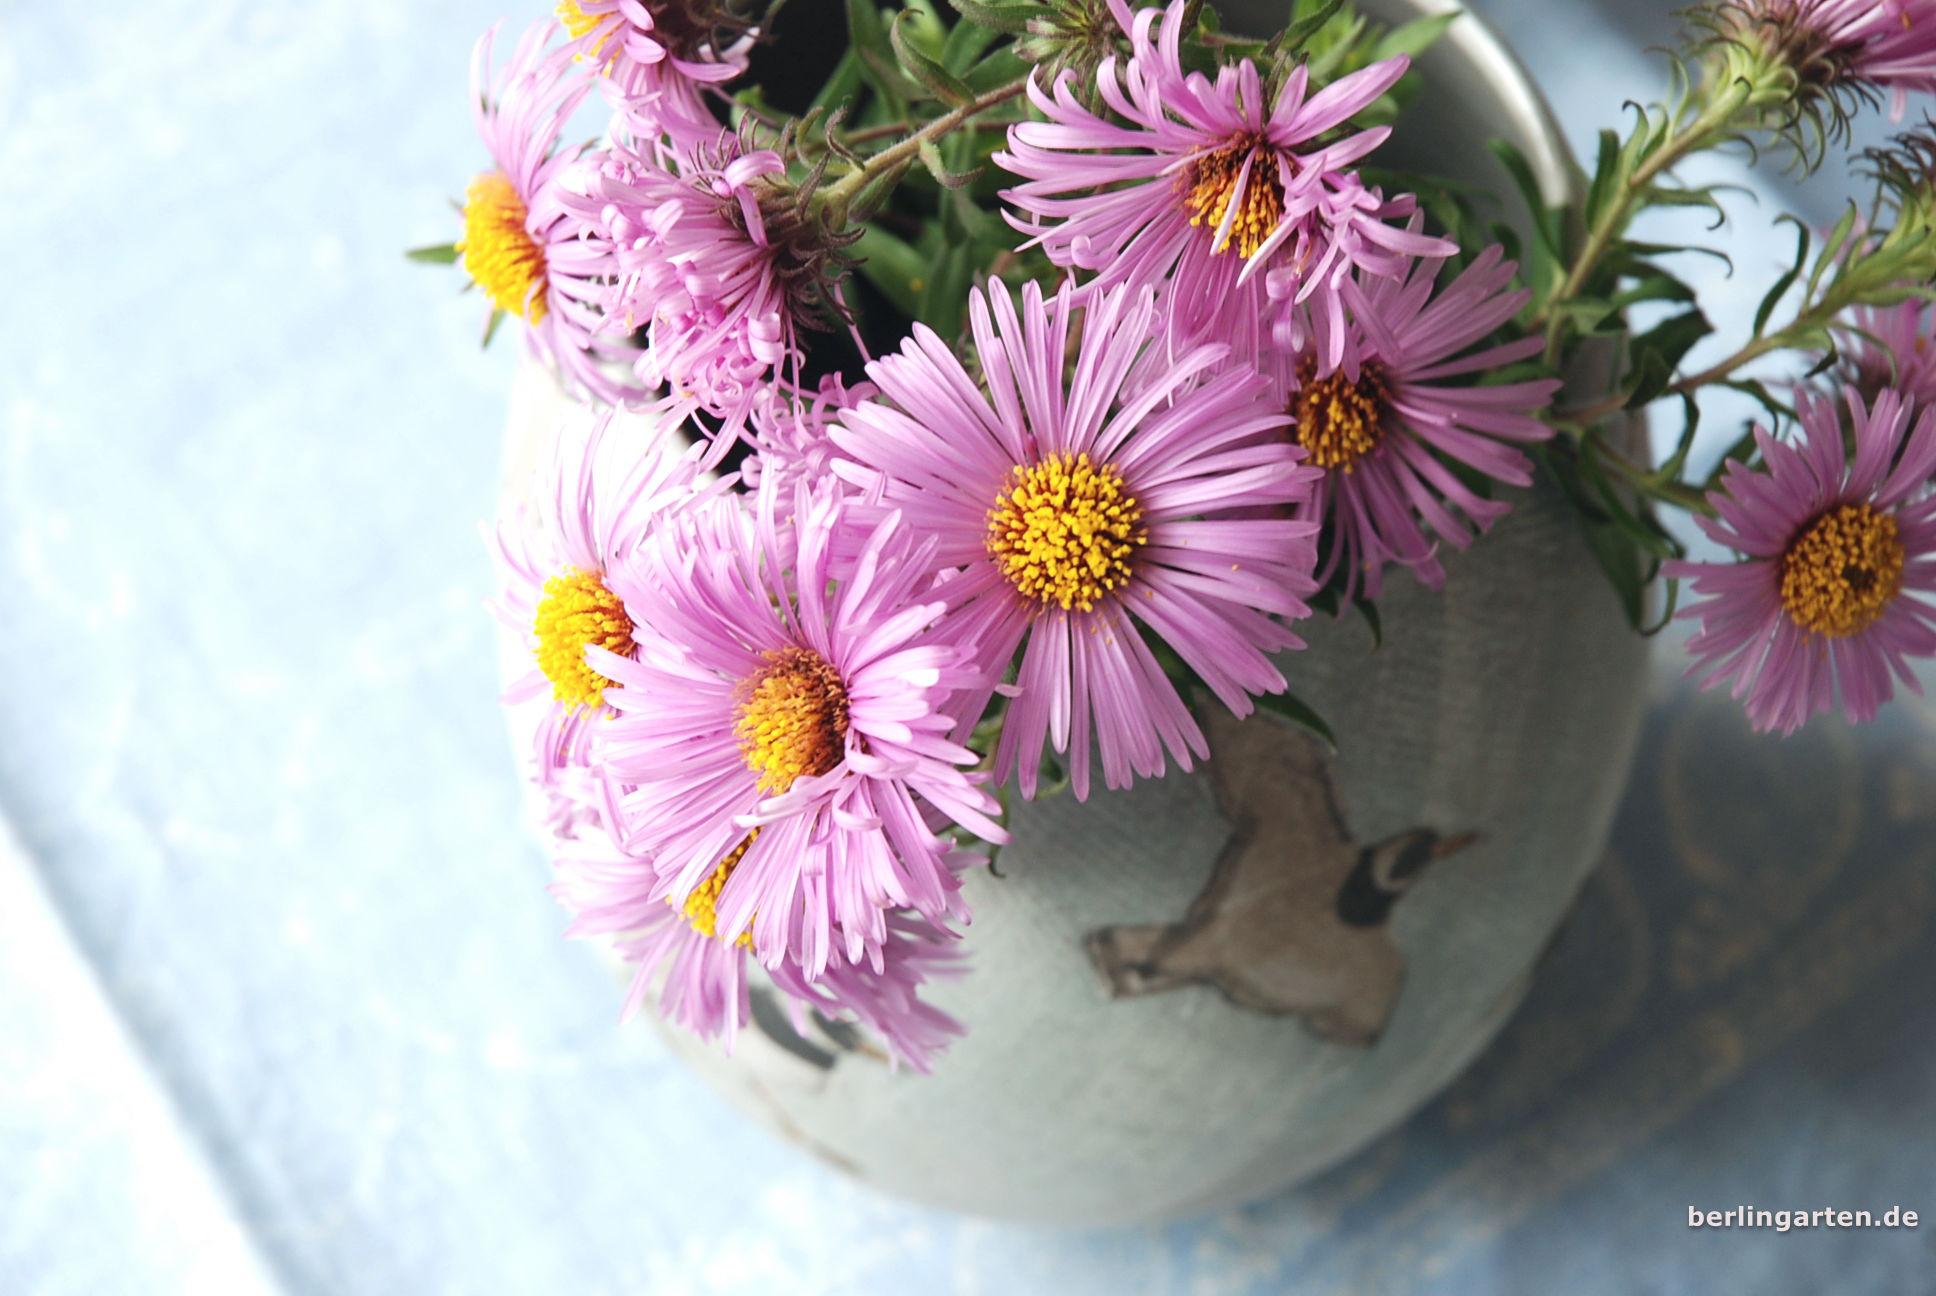 Aster in der Vase